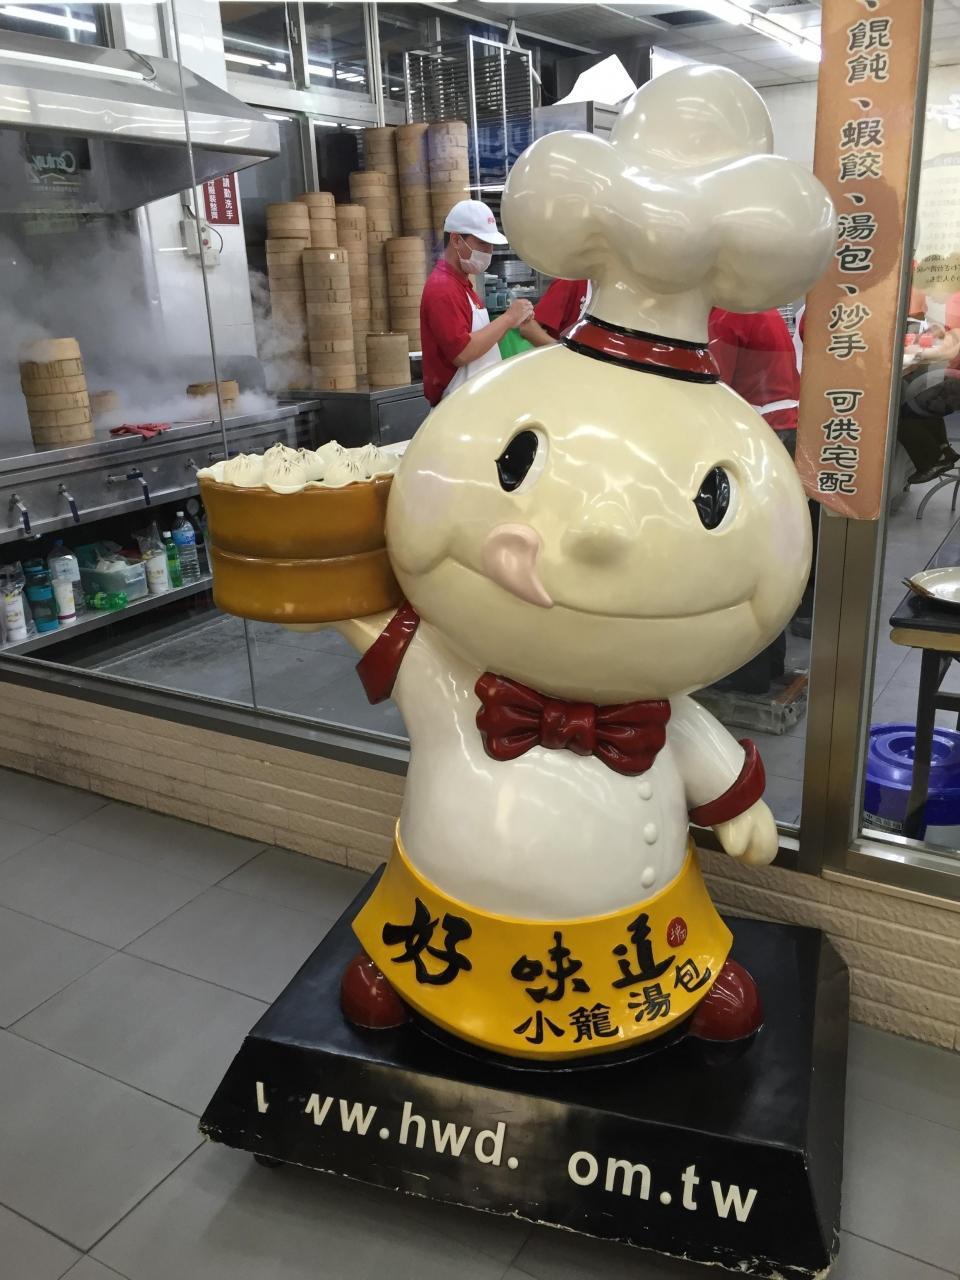 【25位】上海好味道小龍湯包